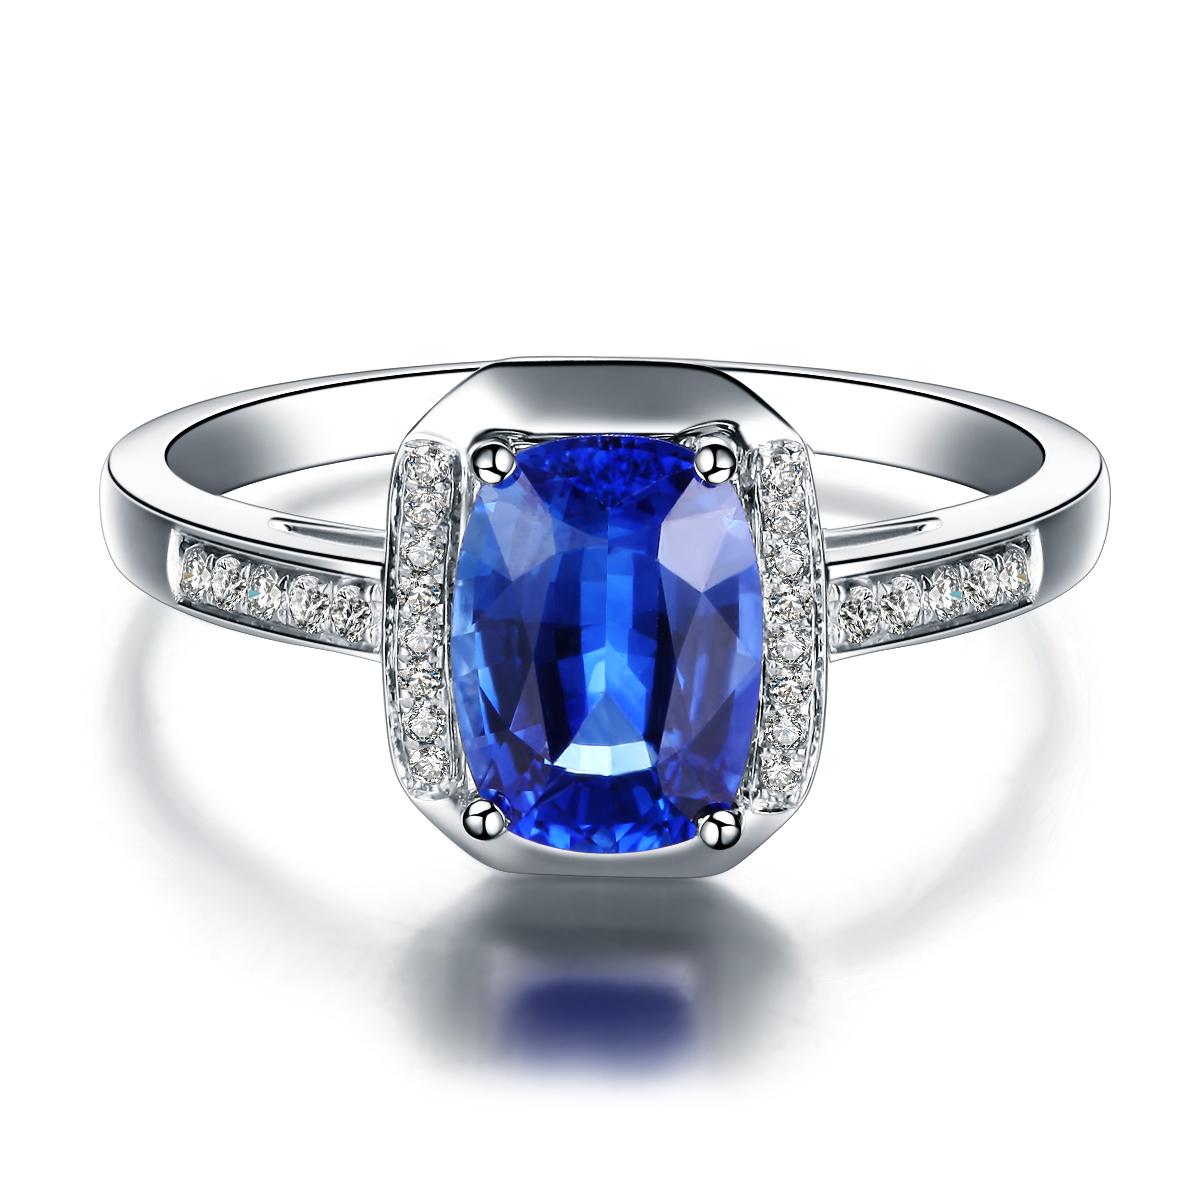 蓝宝石保养的十大注意事项 佐卡伊蓝宝石保养